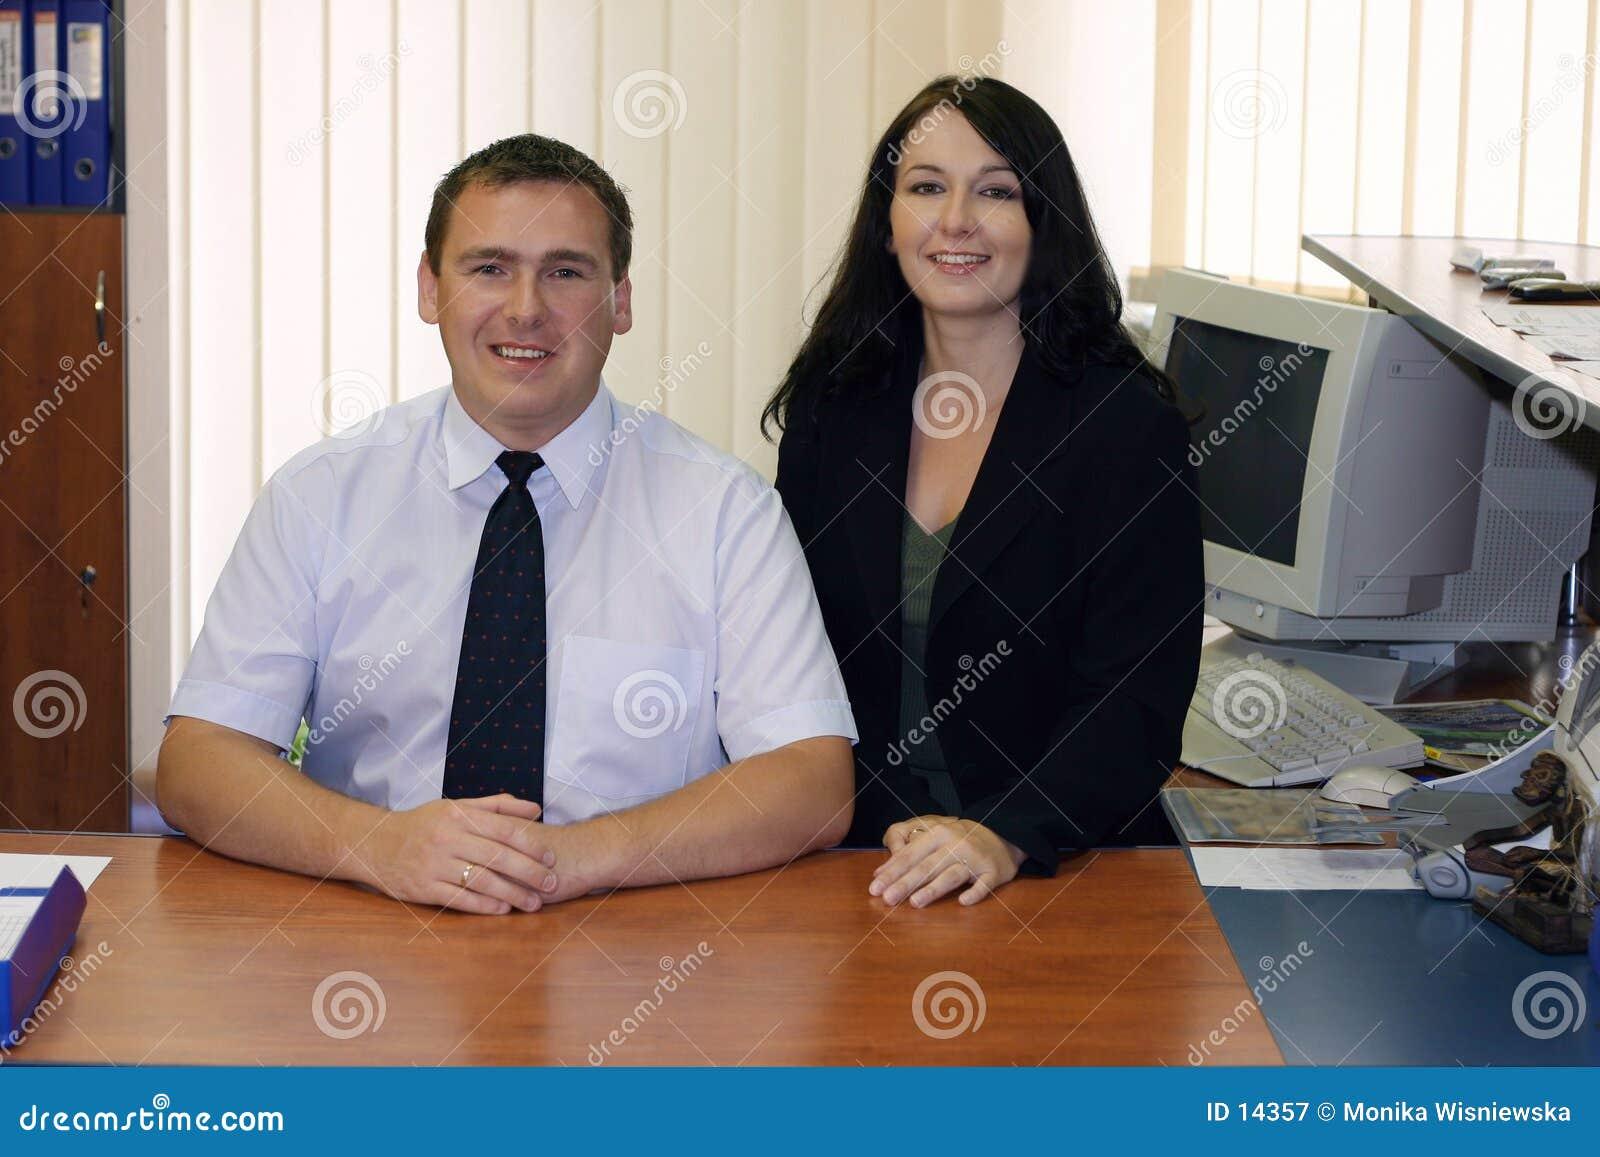 Zwei Unternehmensleiter